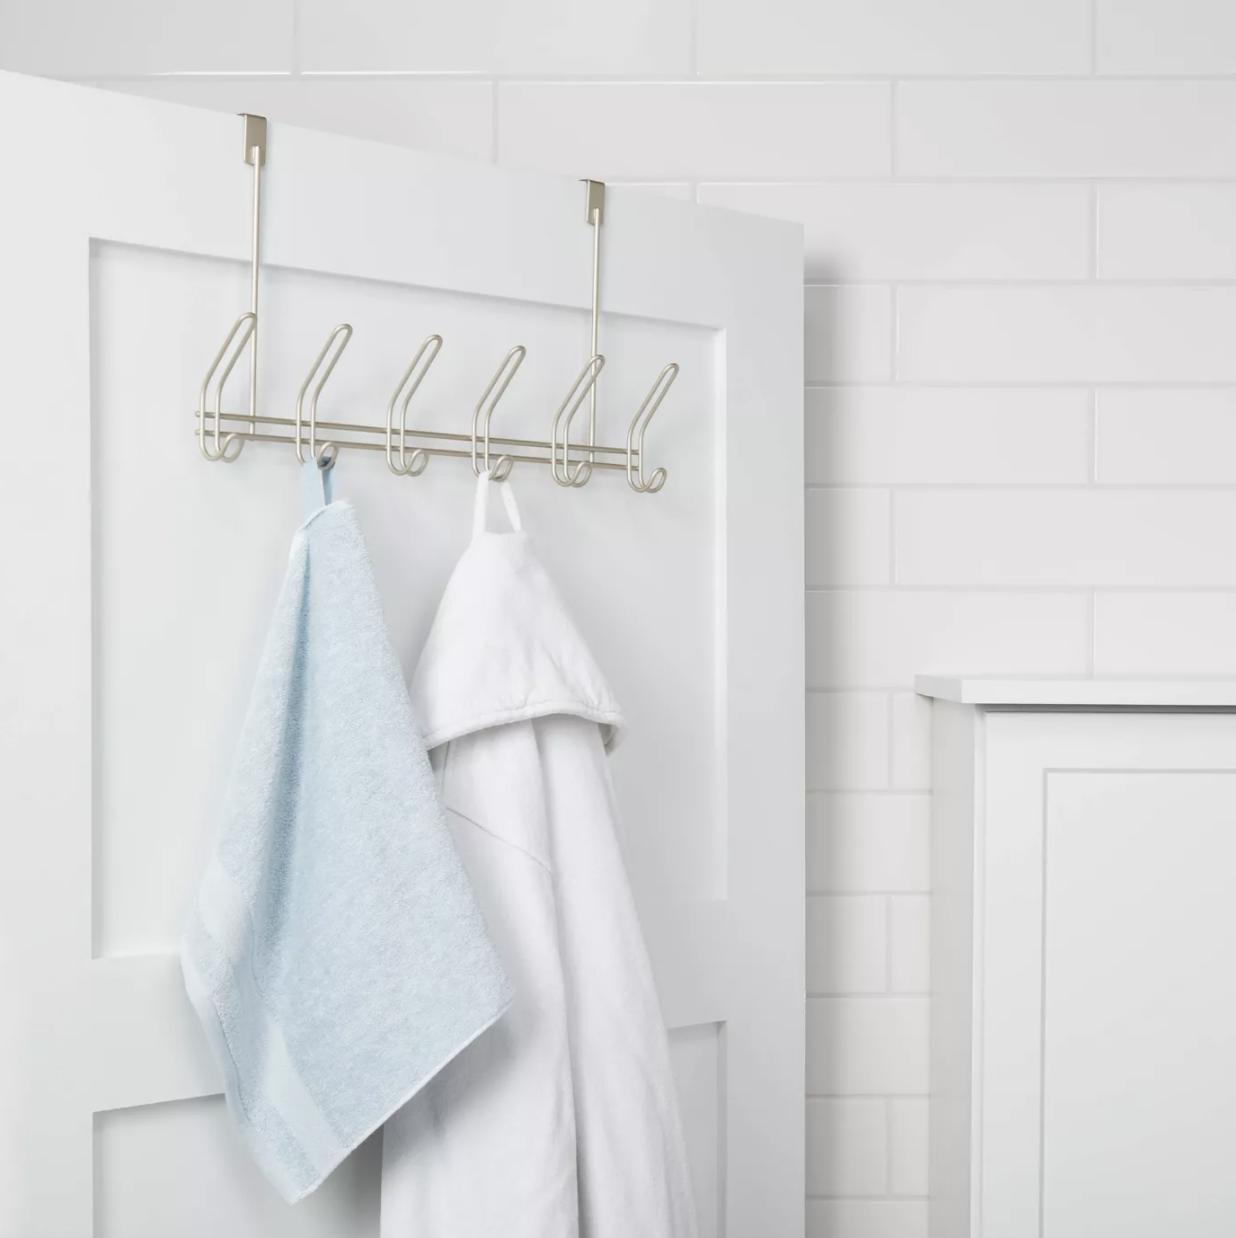 Towels hanging on over-the-door hooks